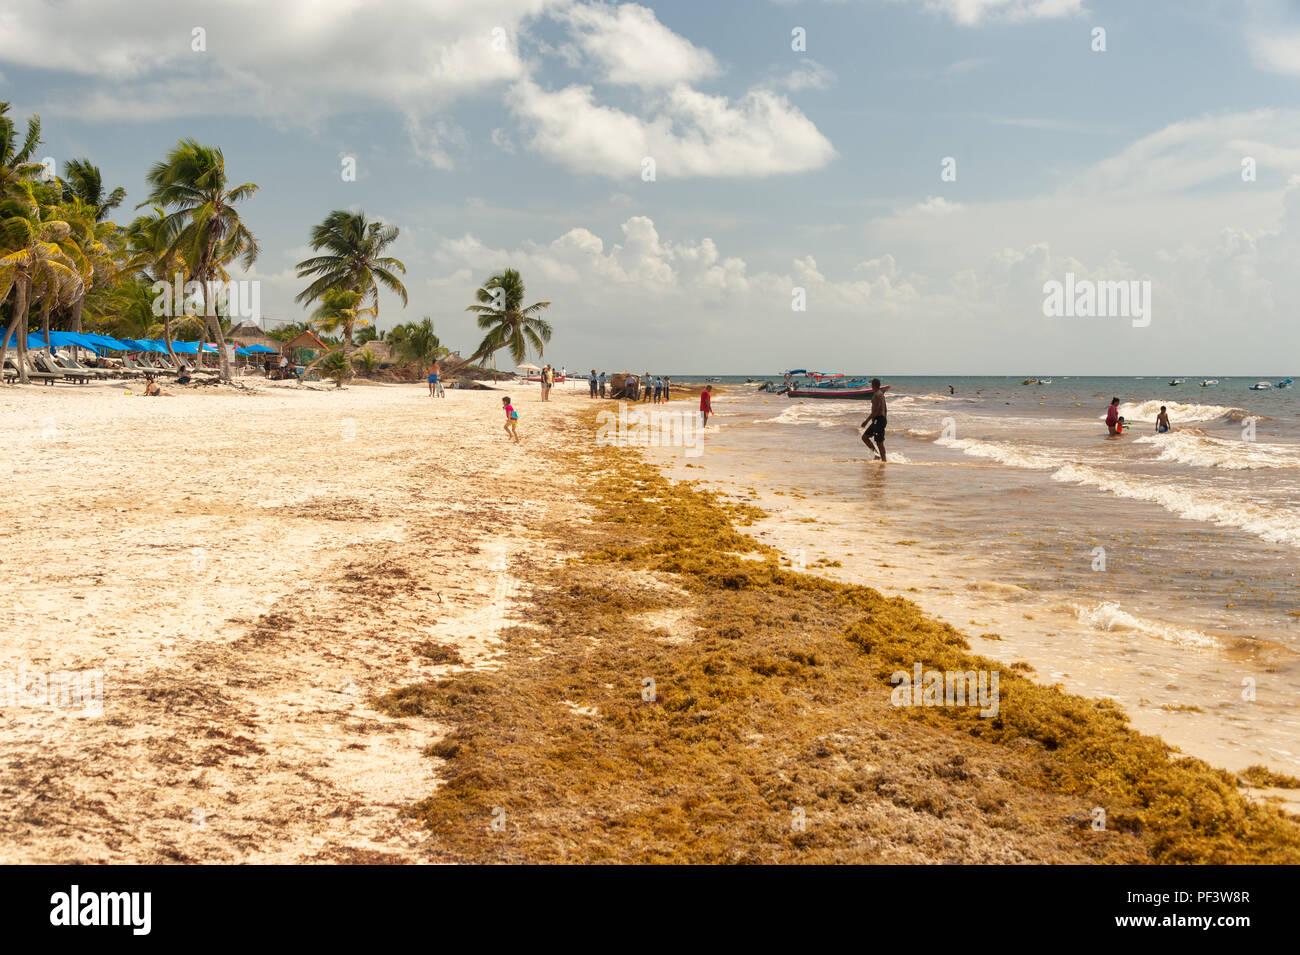 Tulum, Mexico - 12 August 2018: patches of Sargassum seaweed